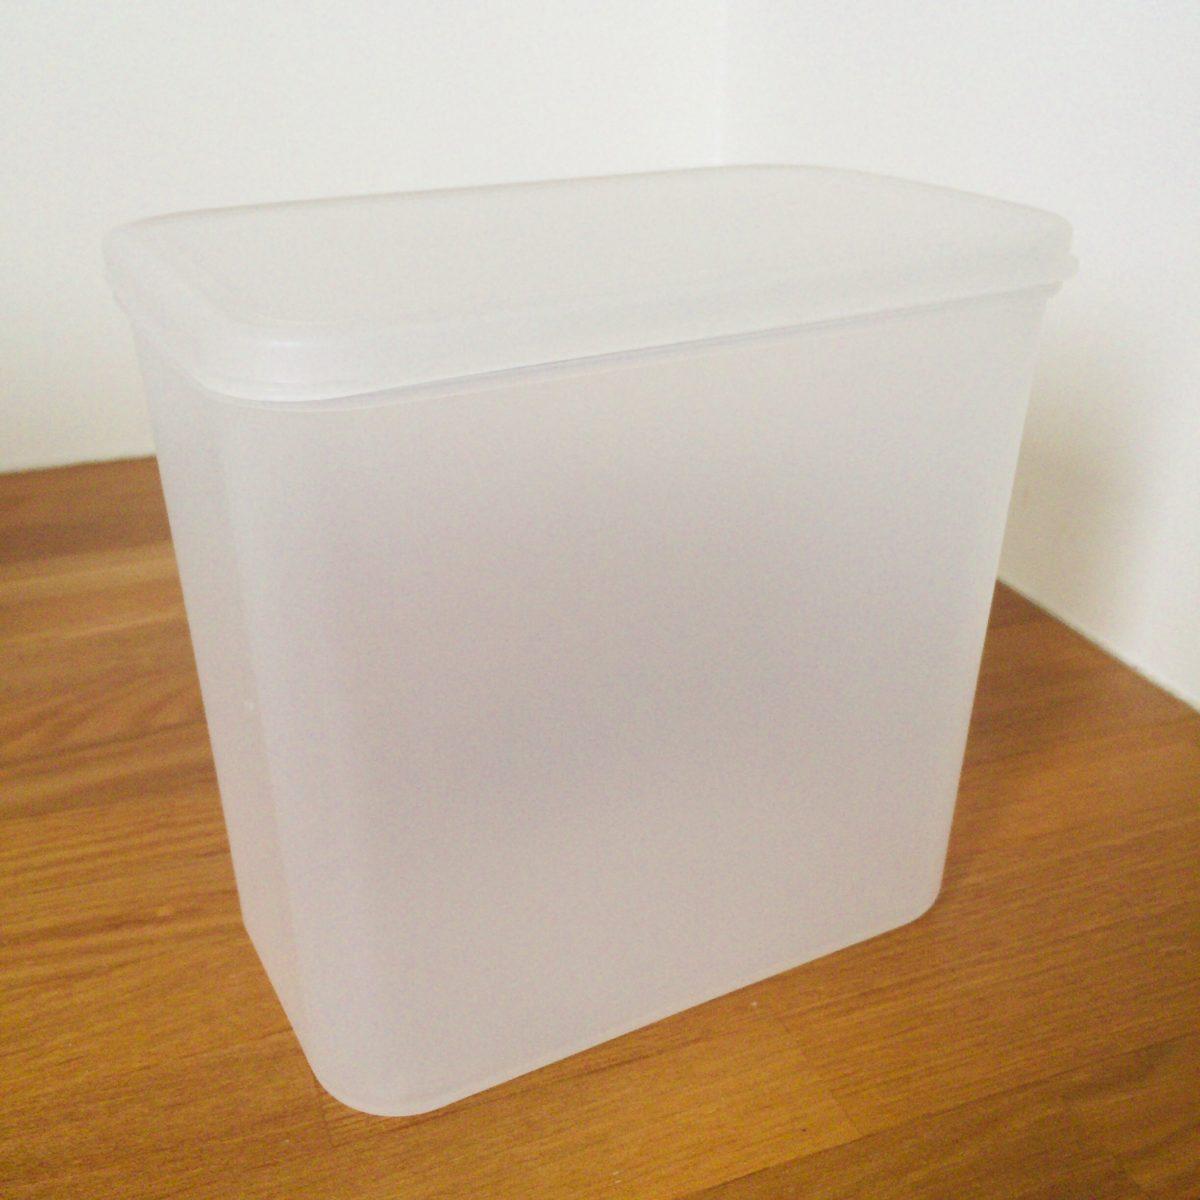 無印良品「粉物保存容器」